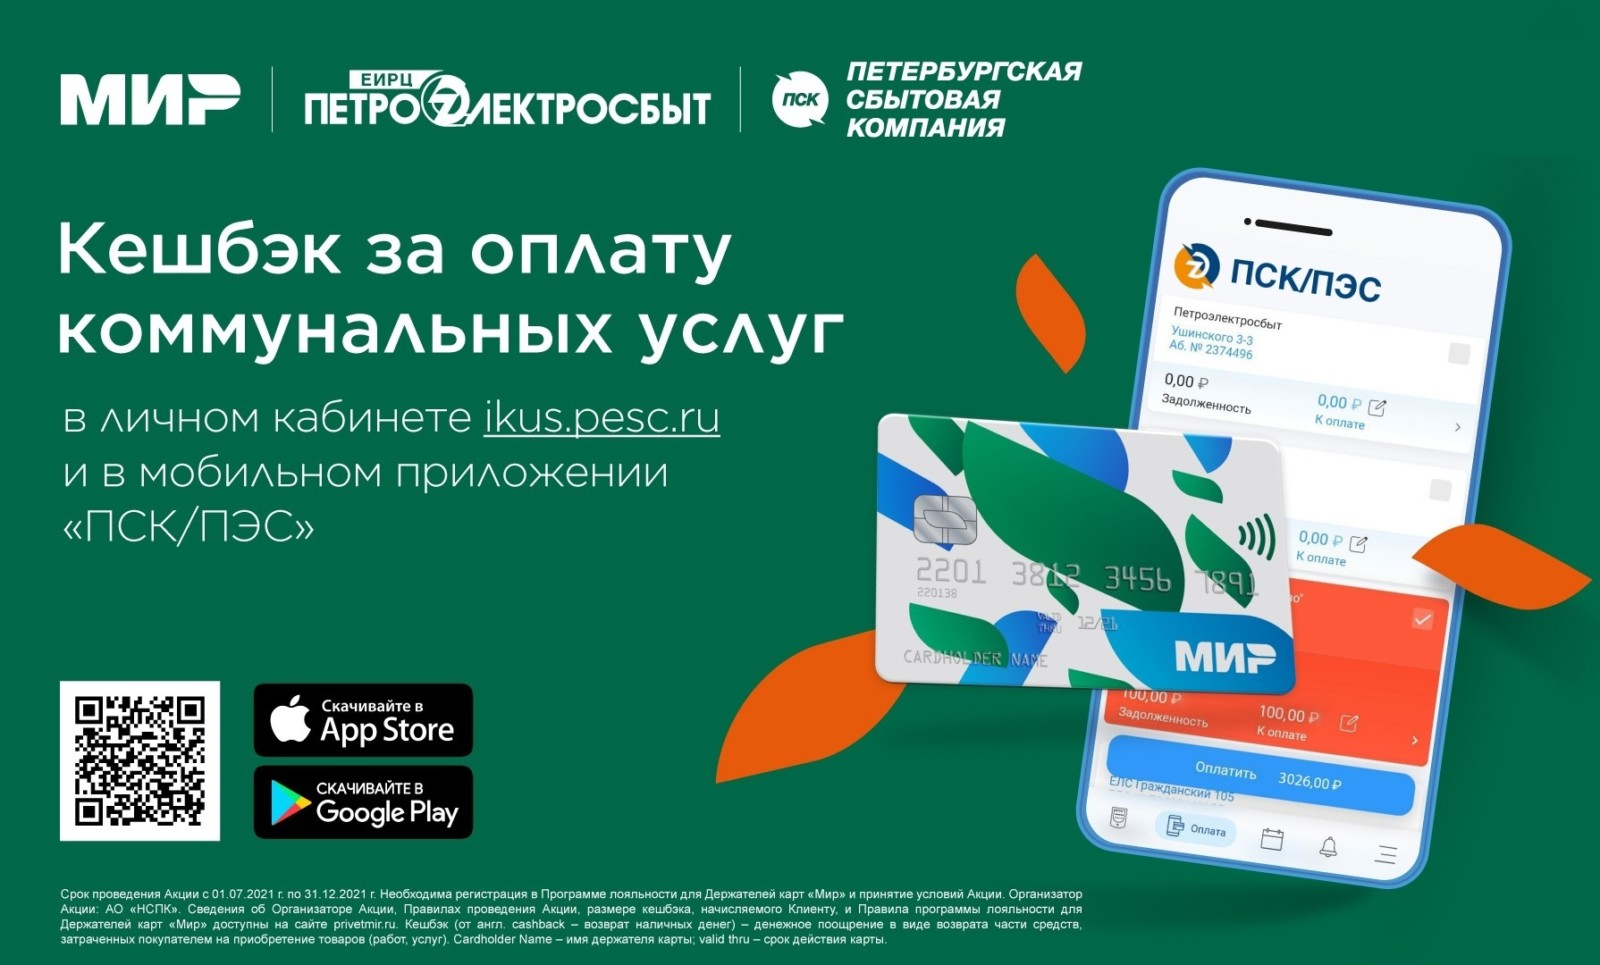 Пользователи личного кабинета и приложения ПСК/ПЭС получили кешбэк на сумму более 786 тысяч рублей за оплату ЖКУ